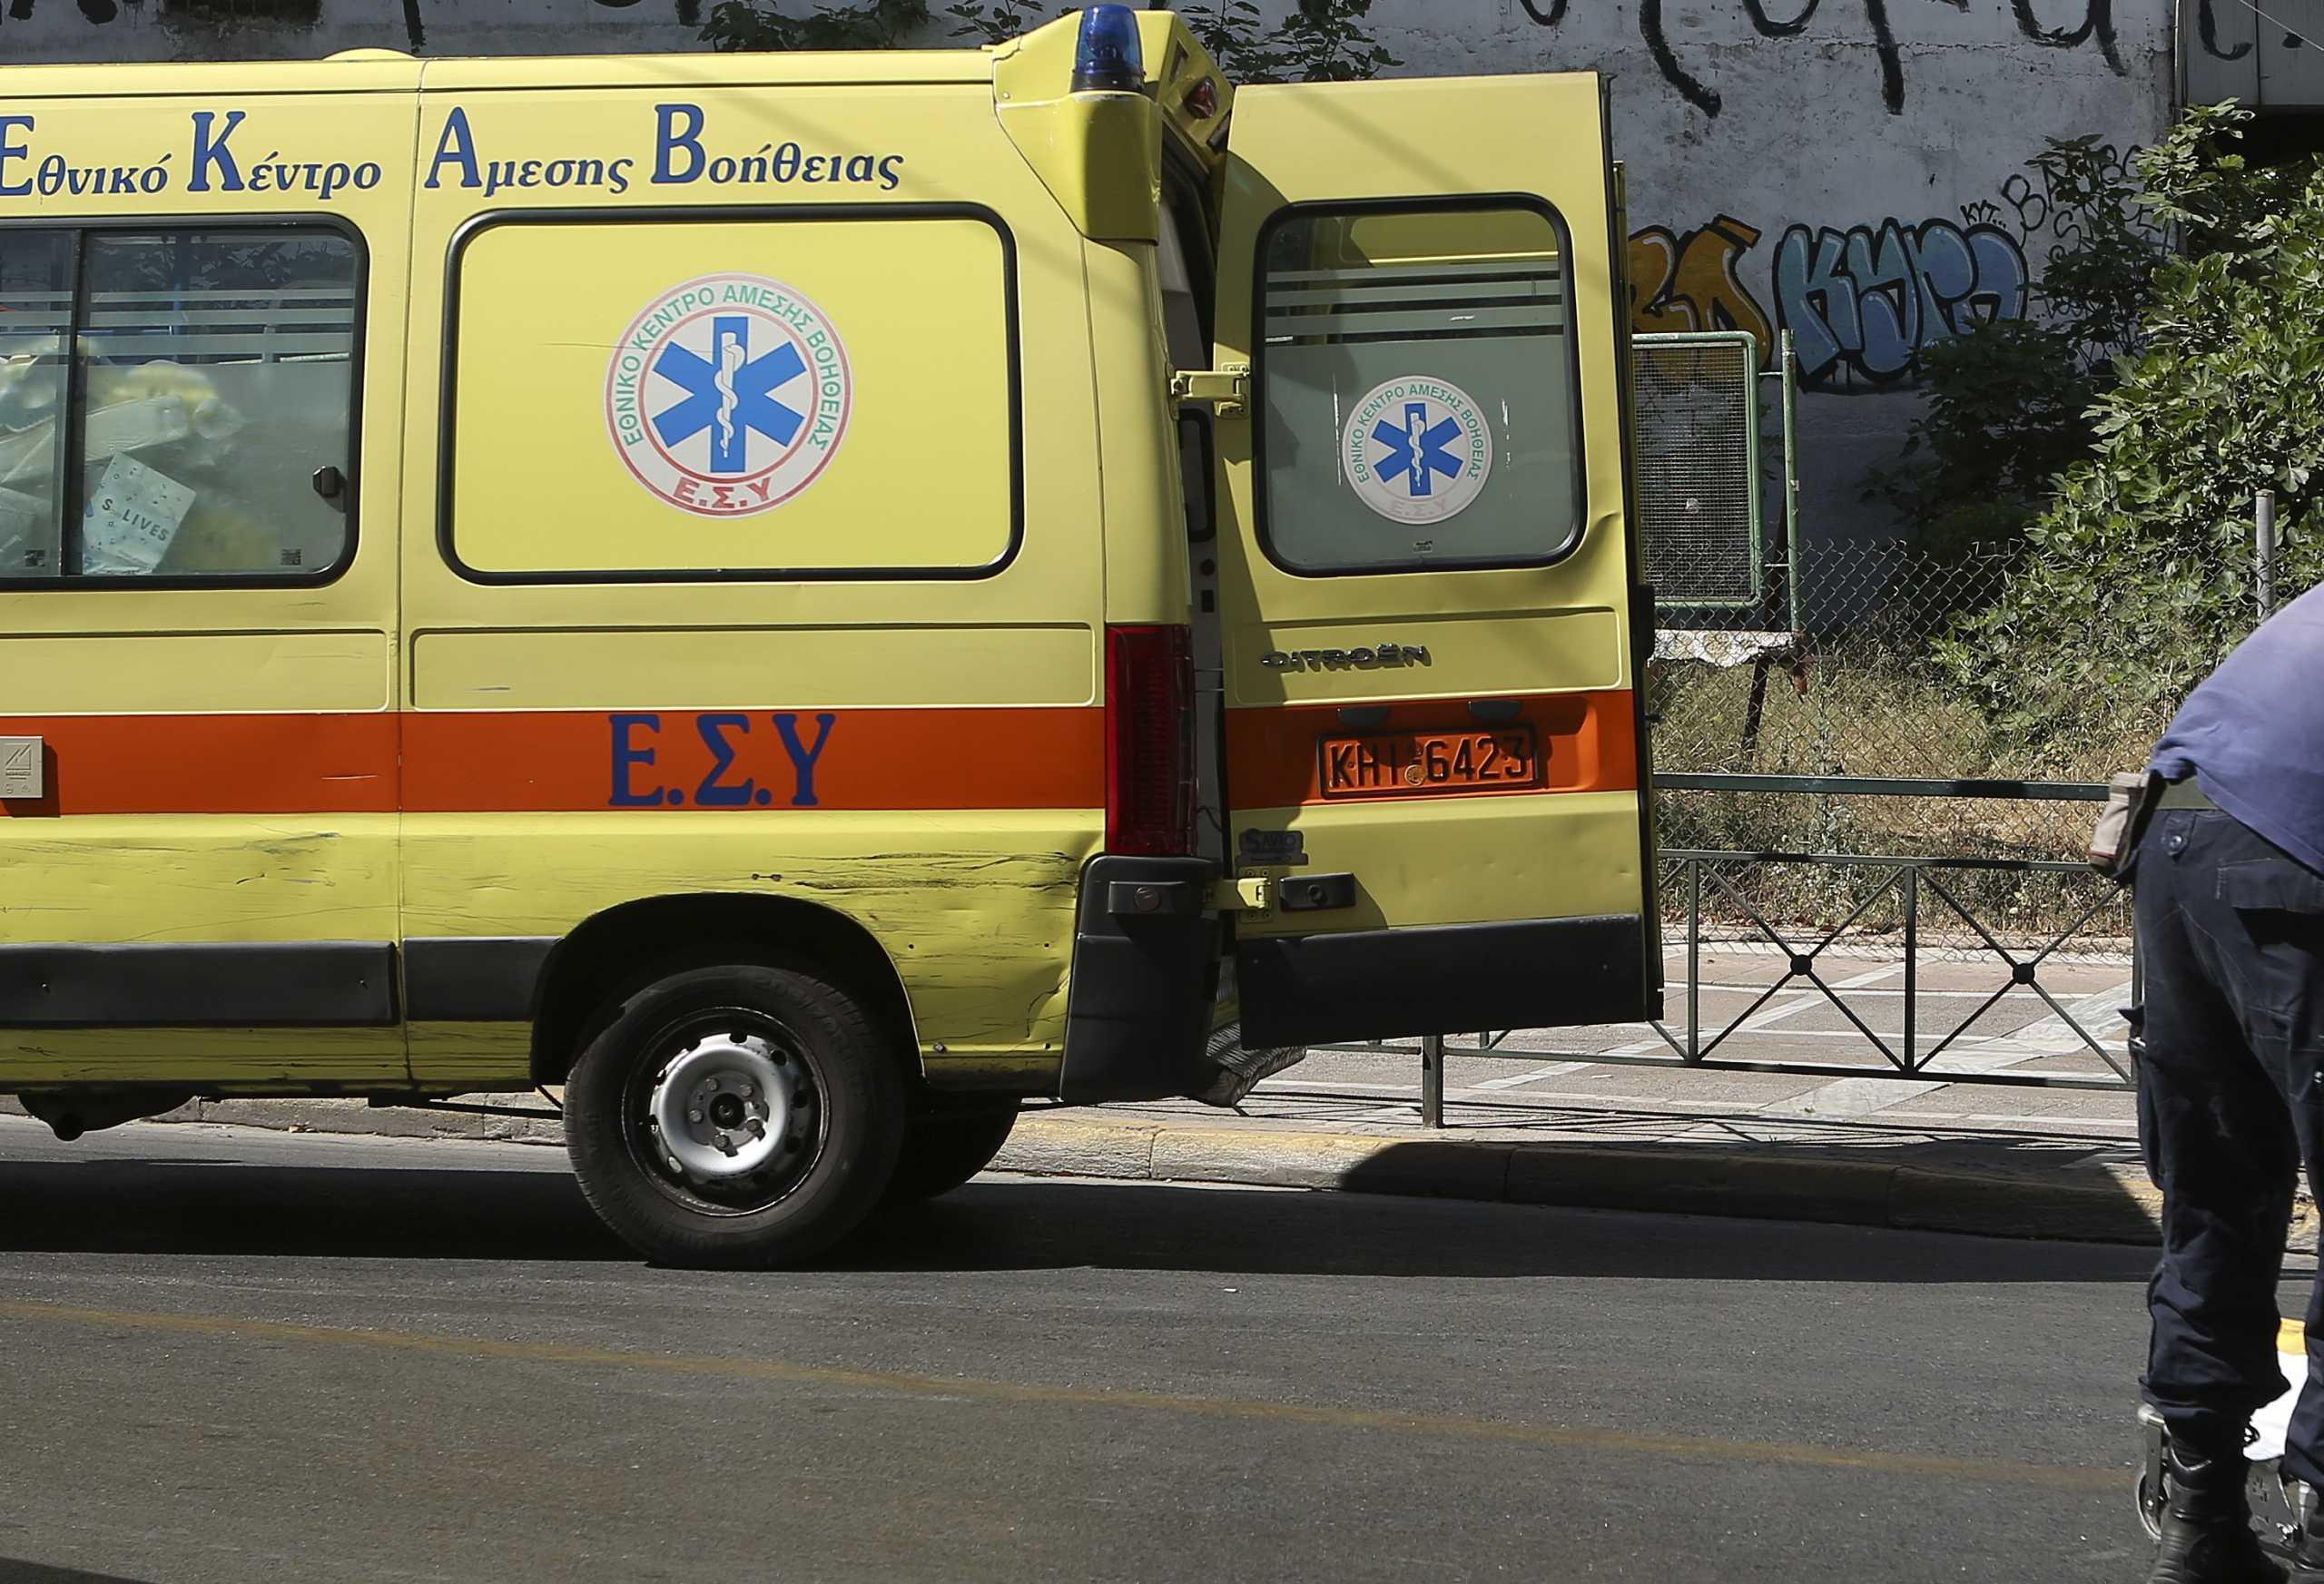 Κρήτη: Συναγερμός για τραυματία από όπλο στα Ζωνιανά